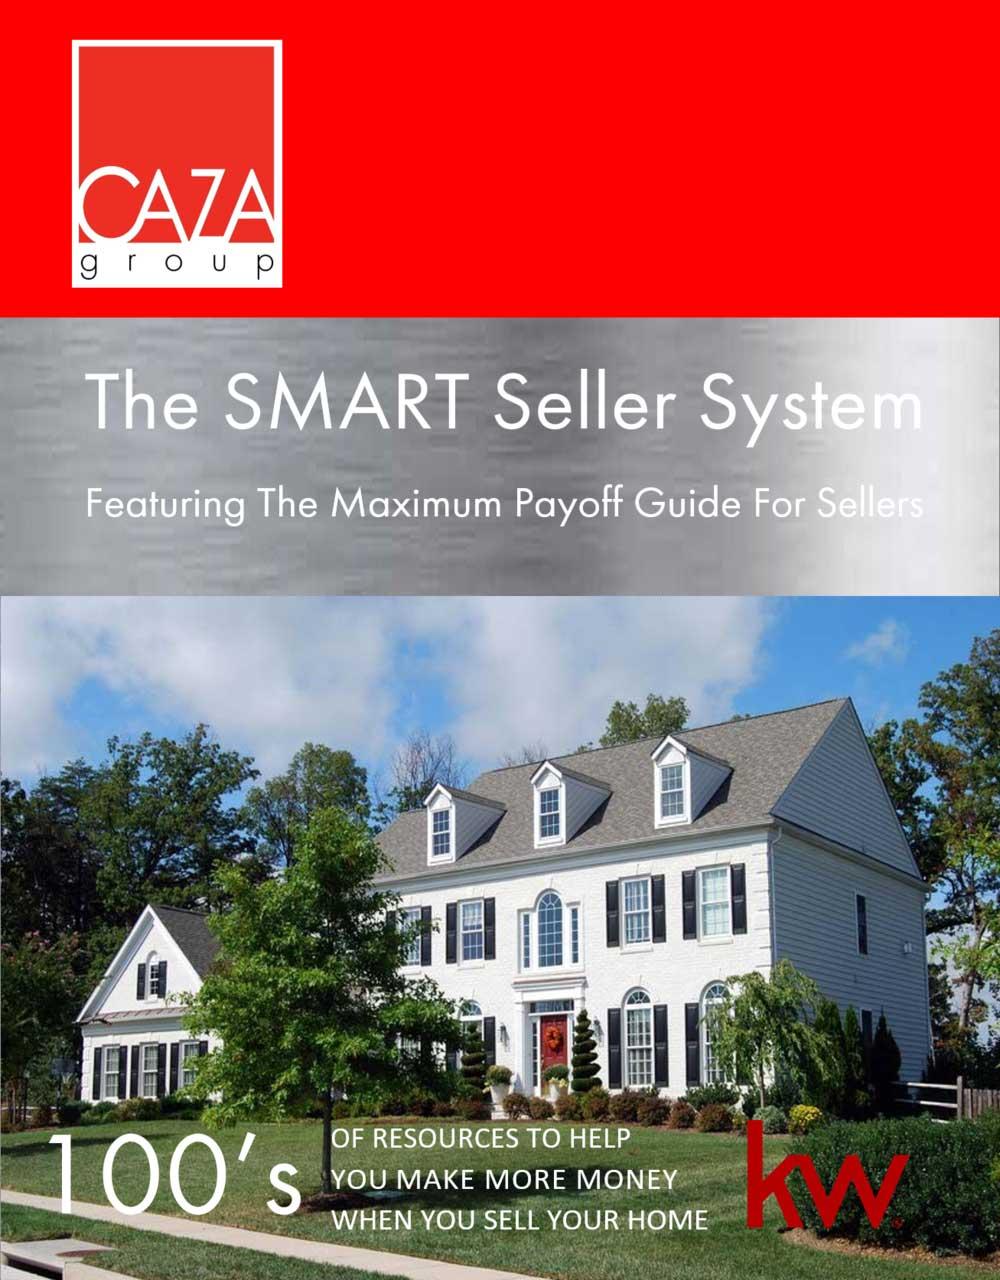 The-Smart-Seller-System.jpg